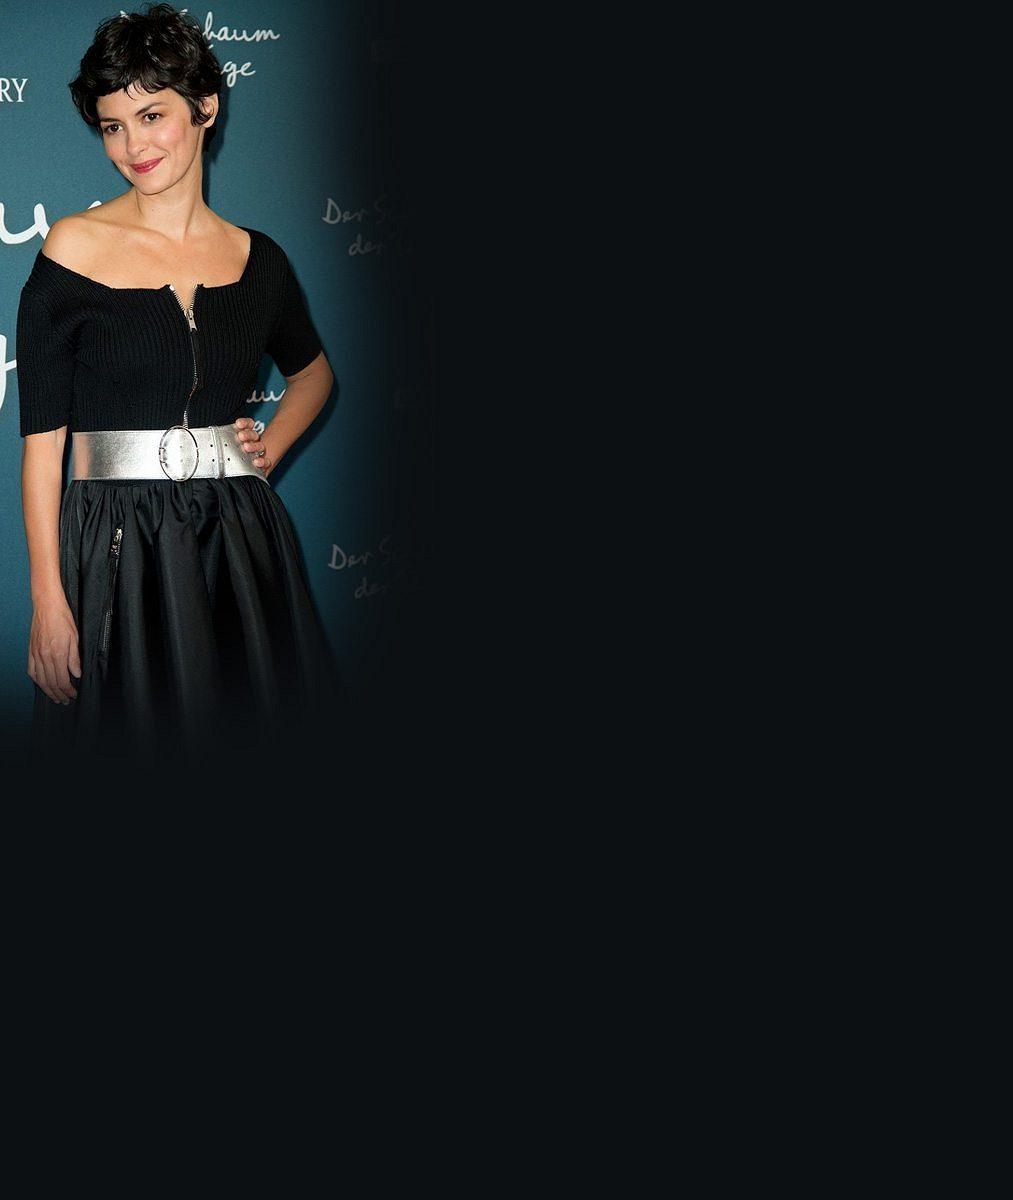 Okouzlující Amélie slaví čtyřicátiny: Takhle dnes vypadá věčně nezadaná filmová hvězda